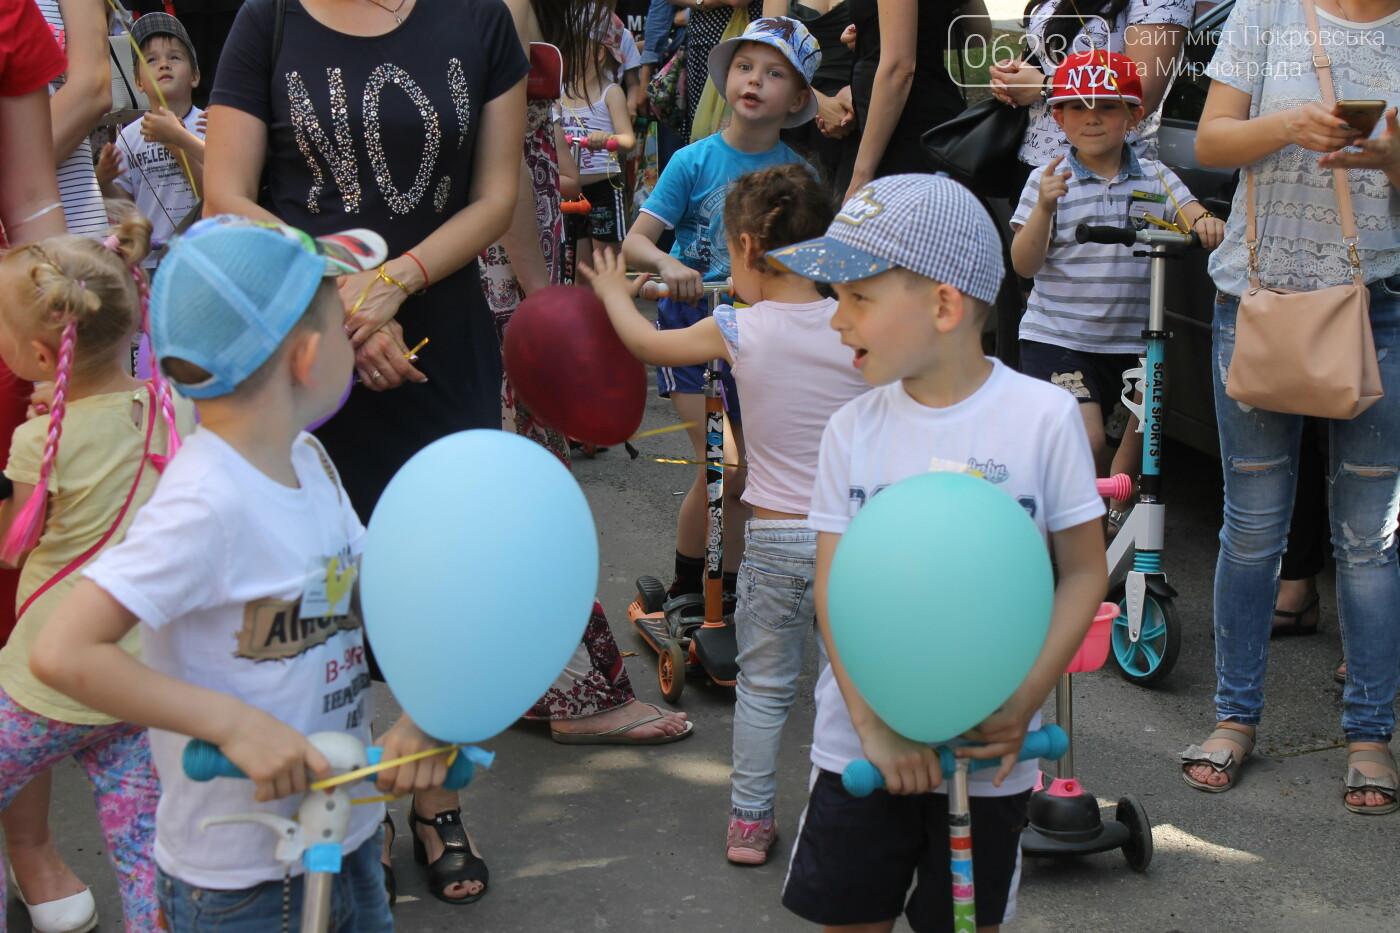 По Покровску прокатился веселый парад самокатов, велосипедов и детских колясок, фото-6